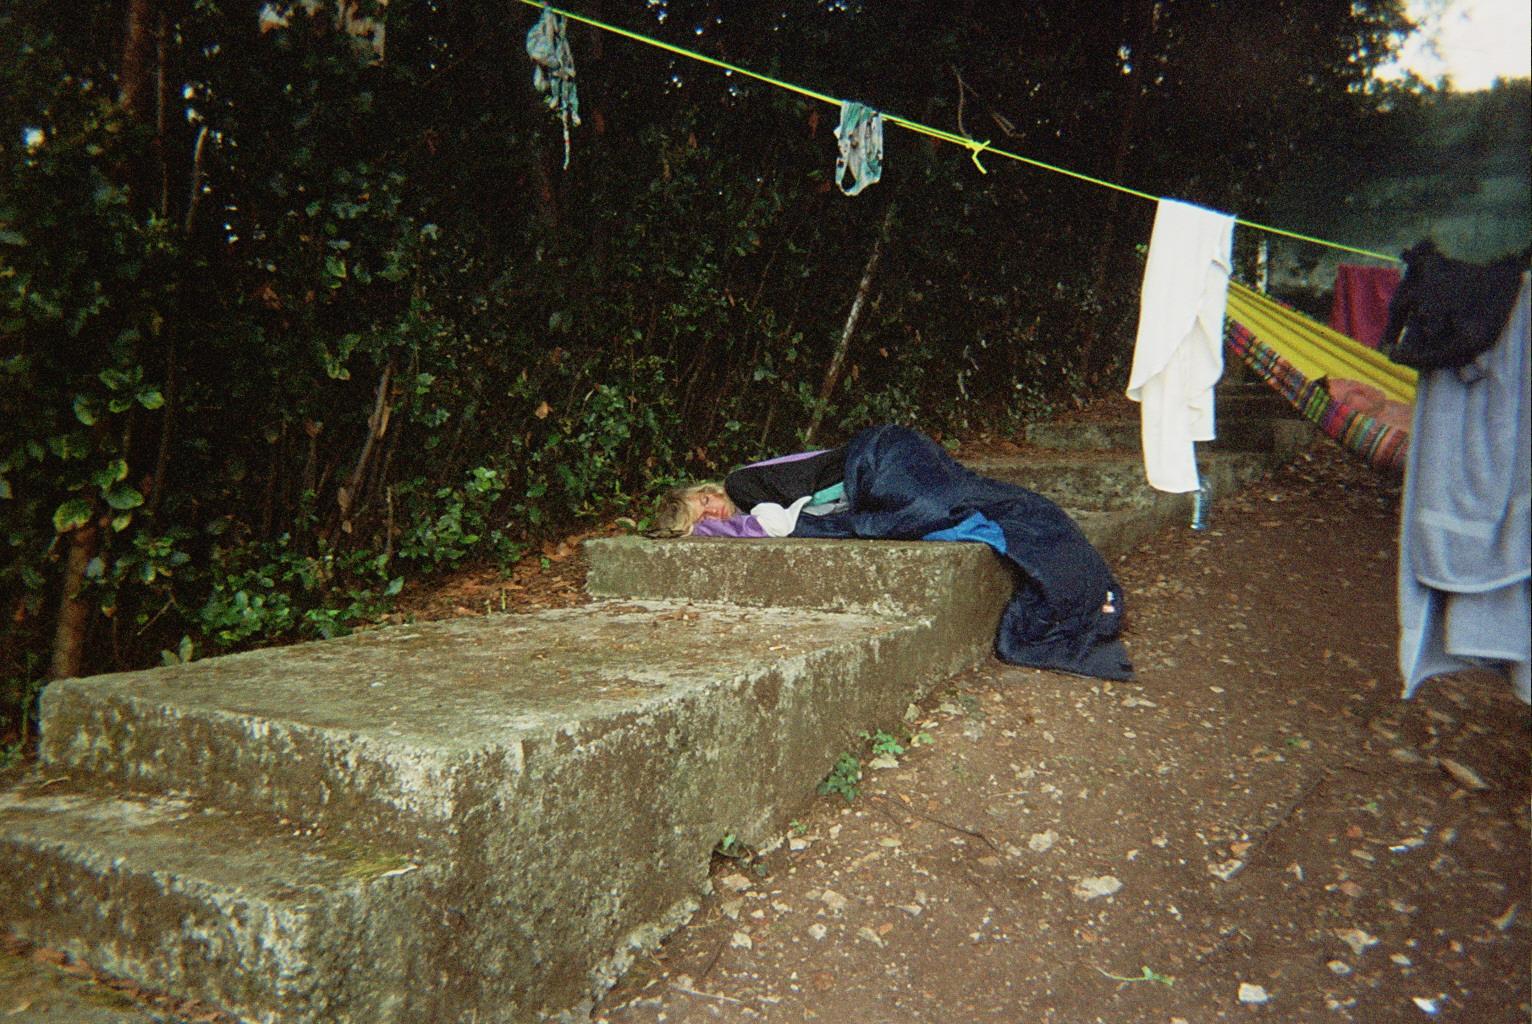 LE JOUR- up all night, sleep all day, meme sur une dalle de beton.